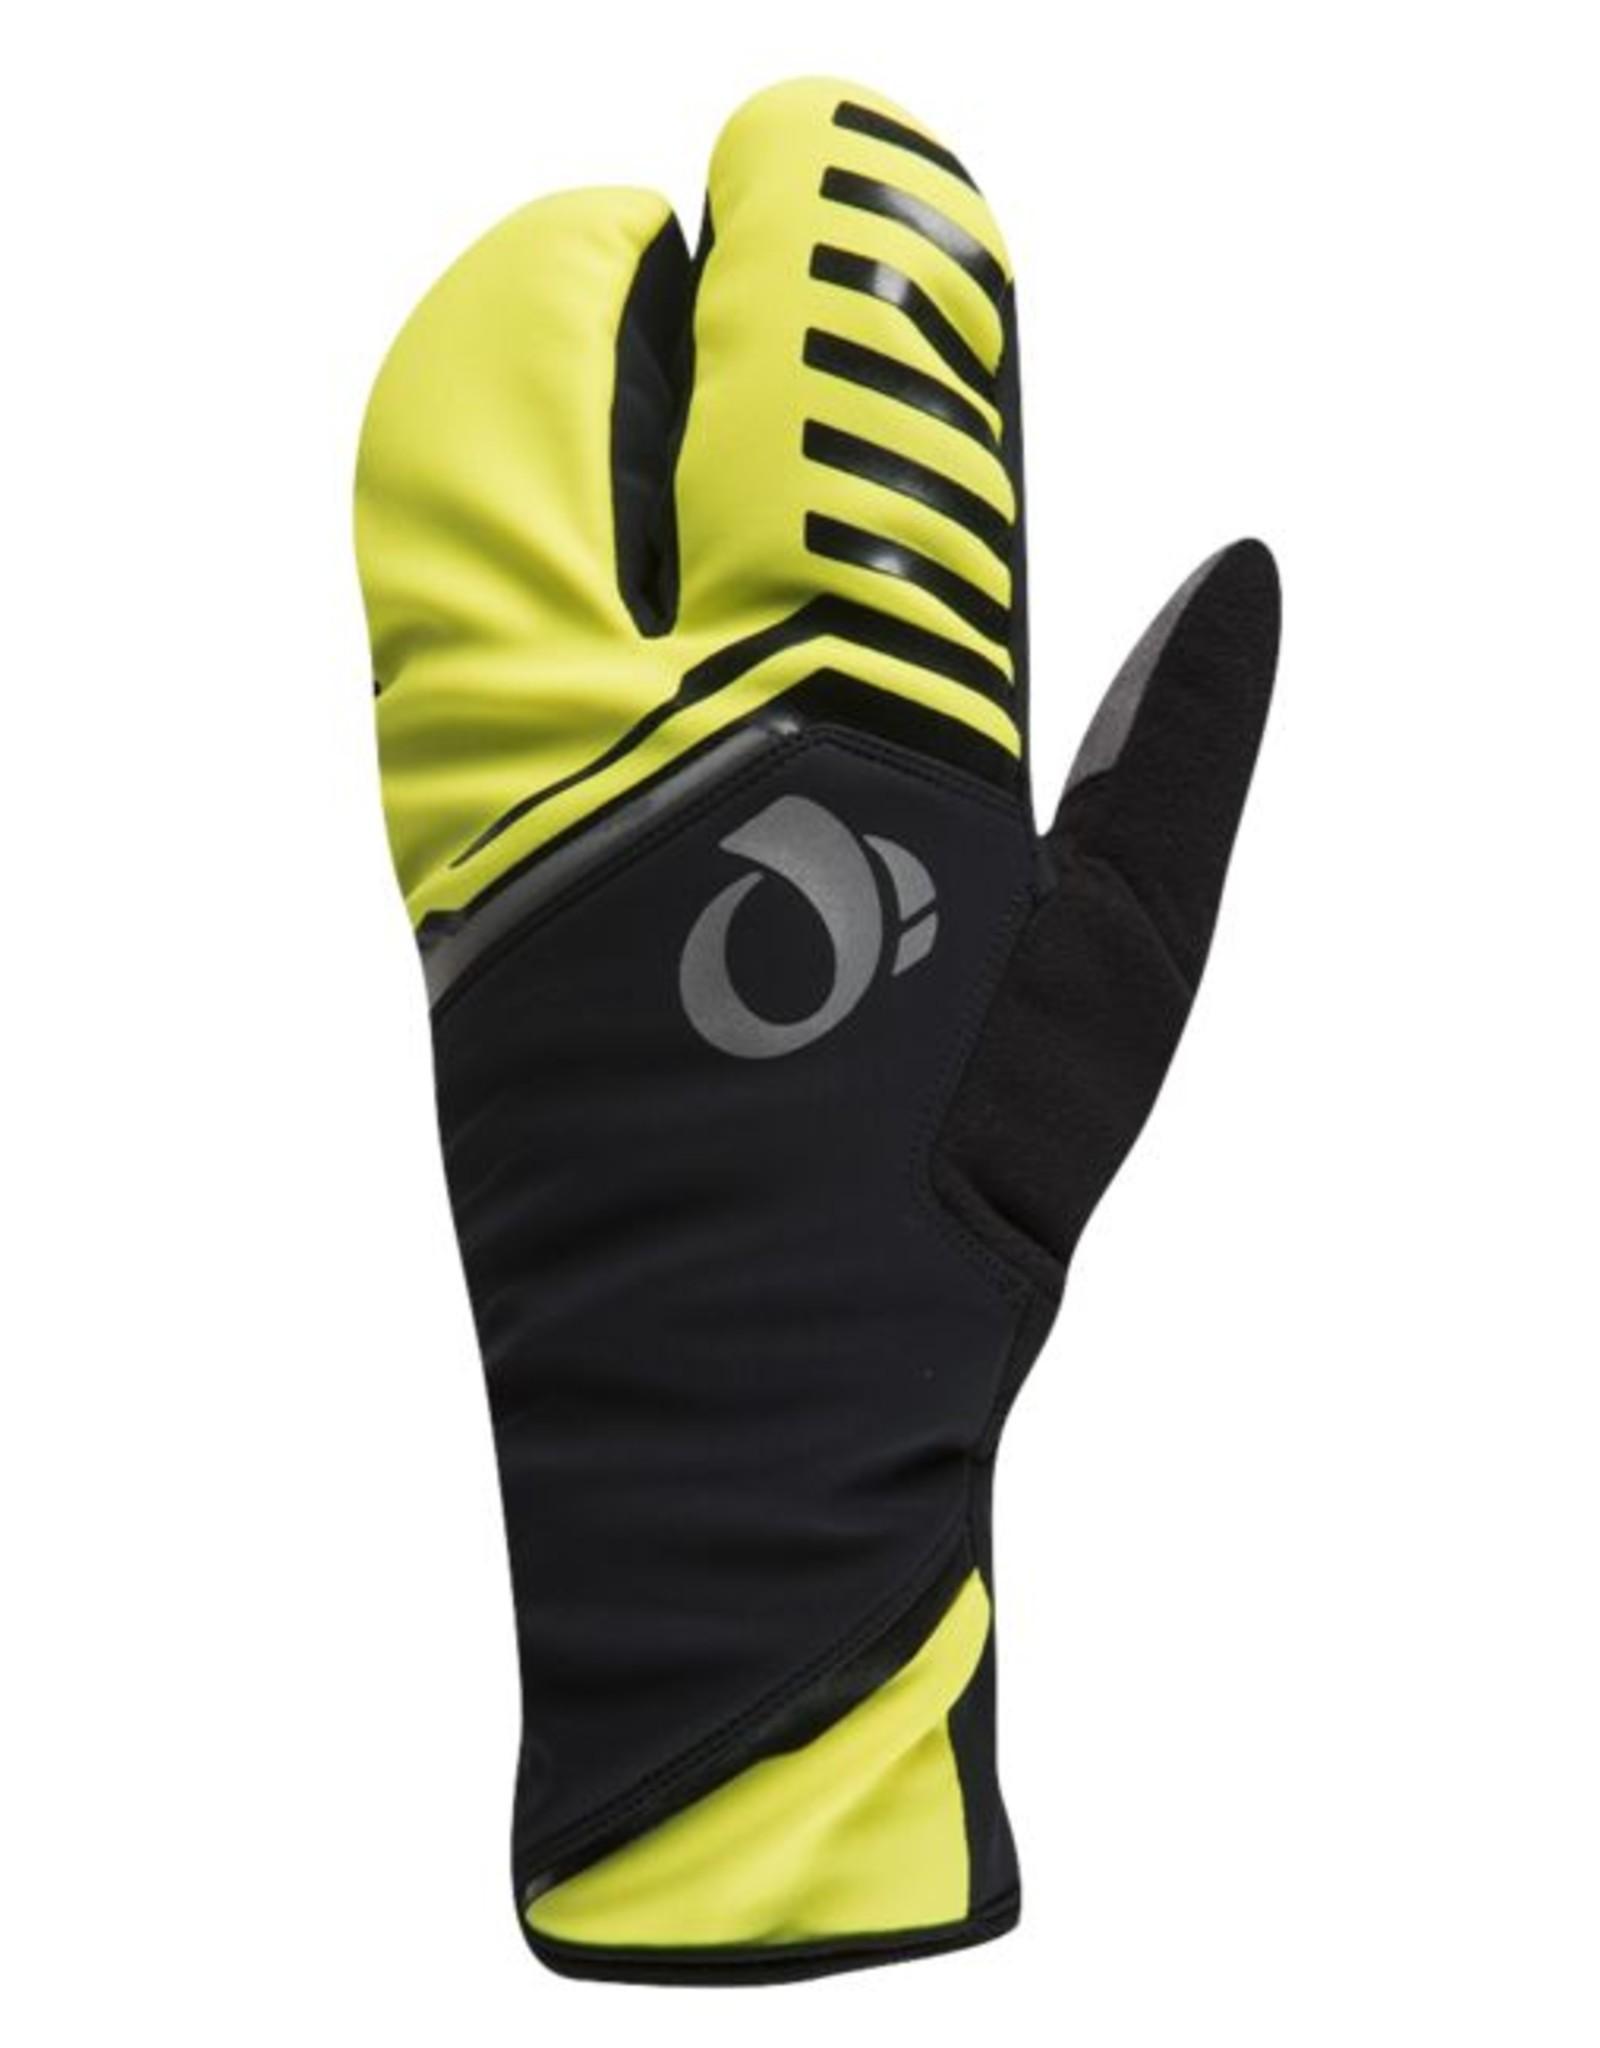 Pearl Izumi Pro Amfib Lobster Claw Glove